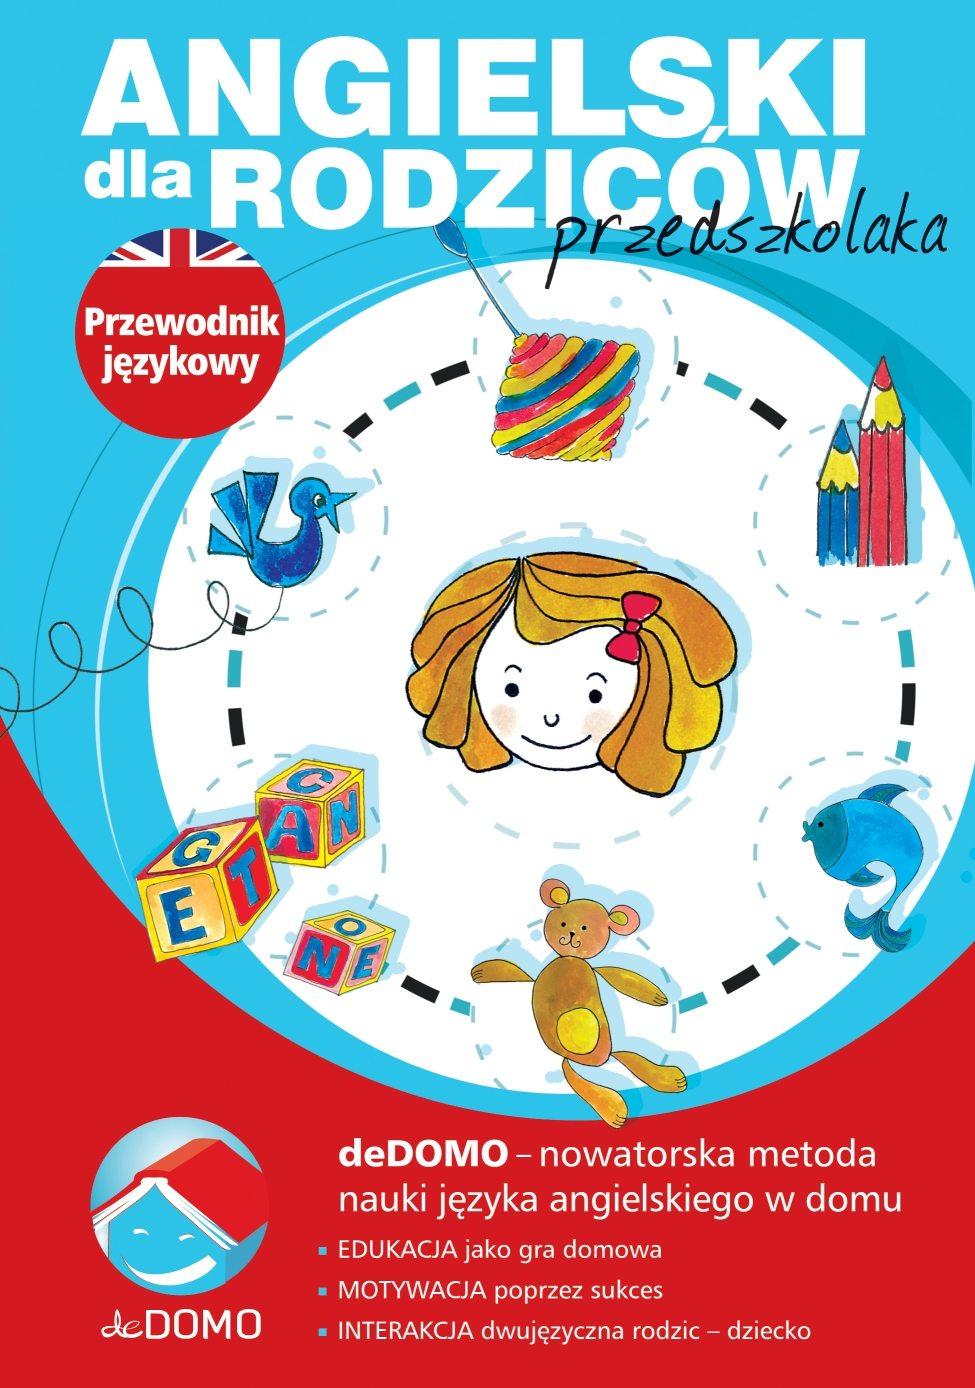 Angielski dla rodziców przedszkolaka. Przewodnik językowy deDOMO ebook